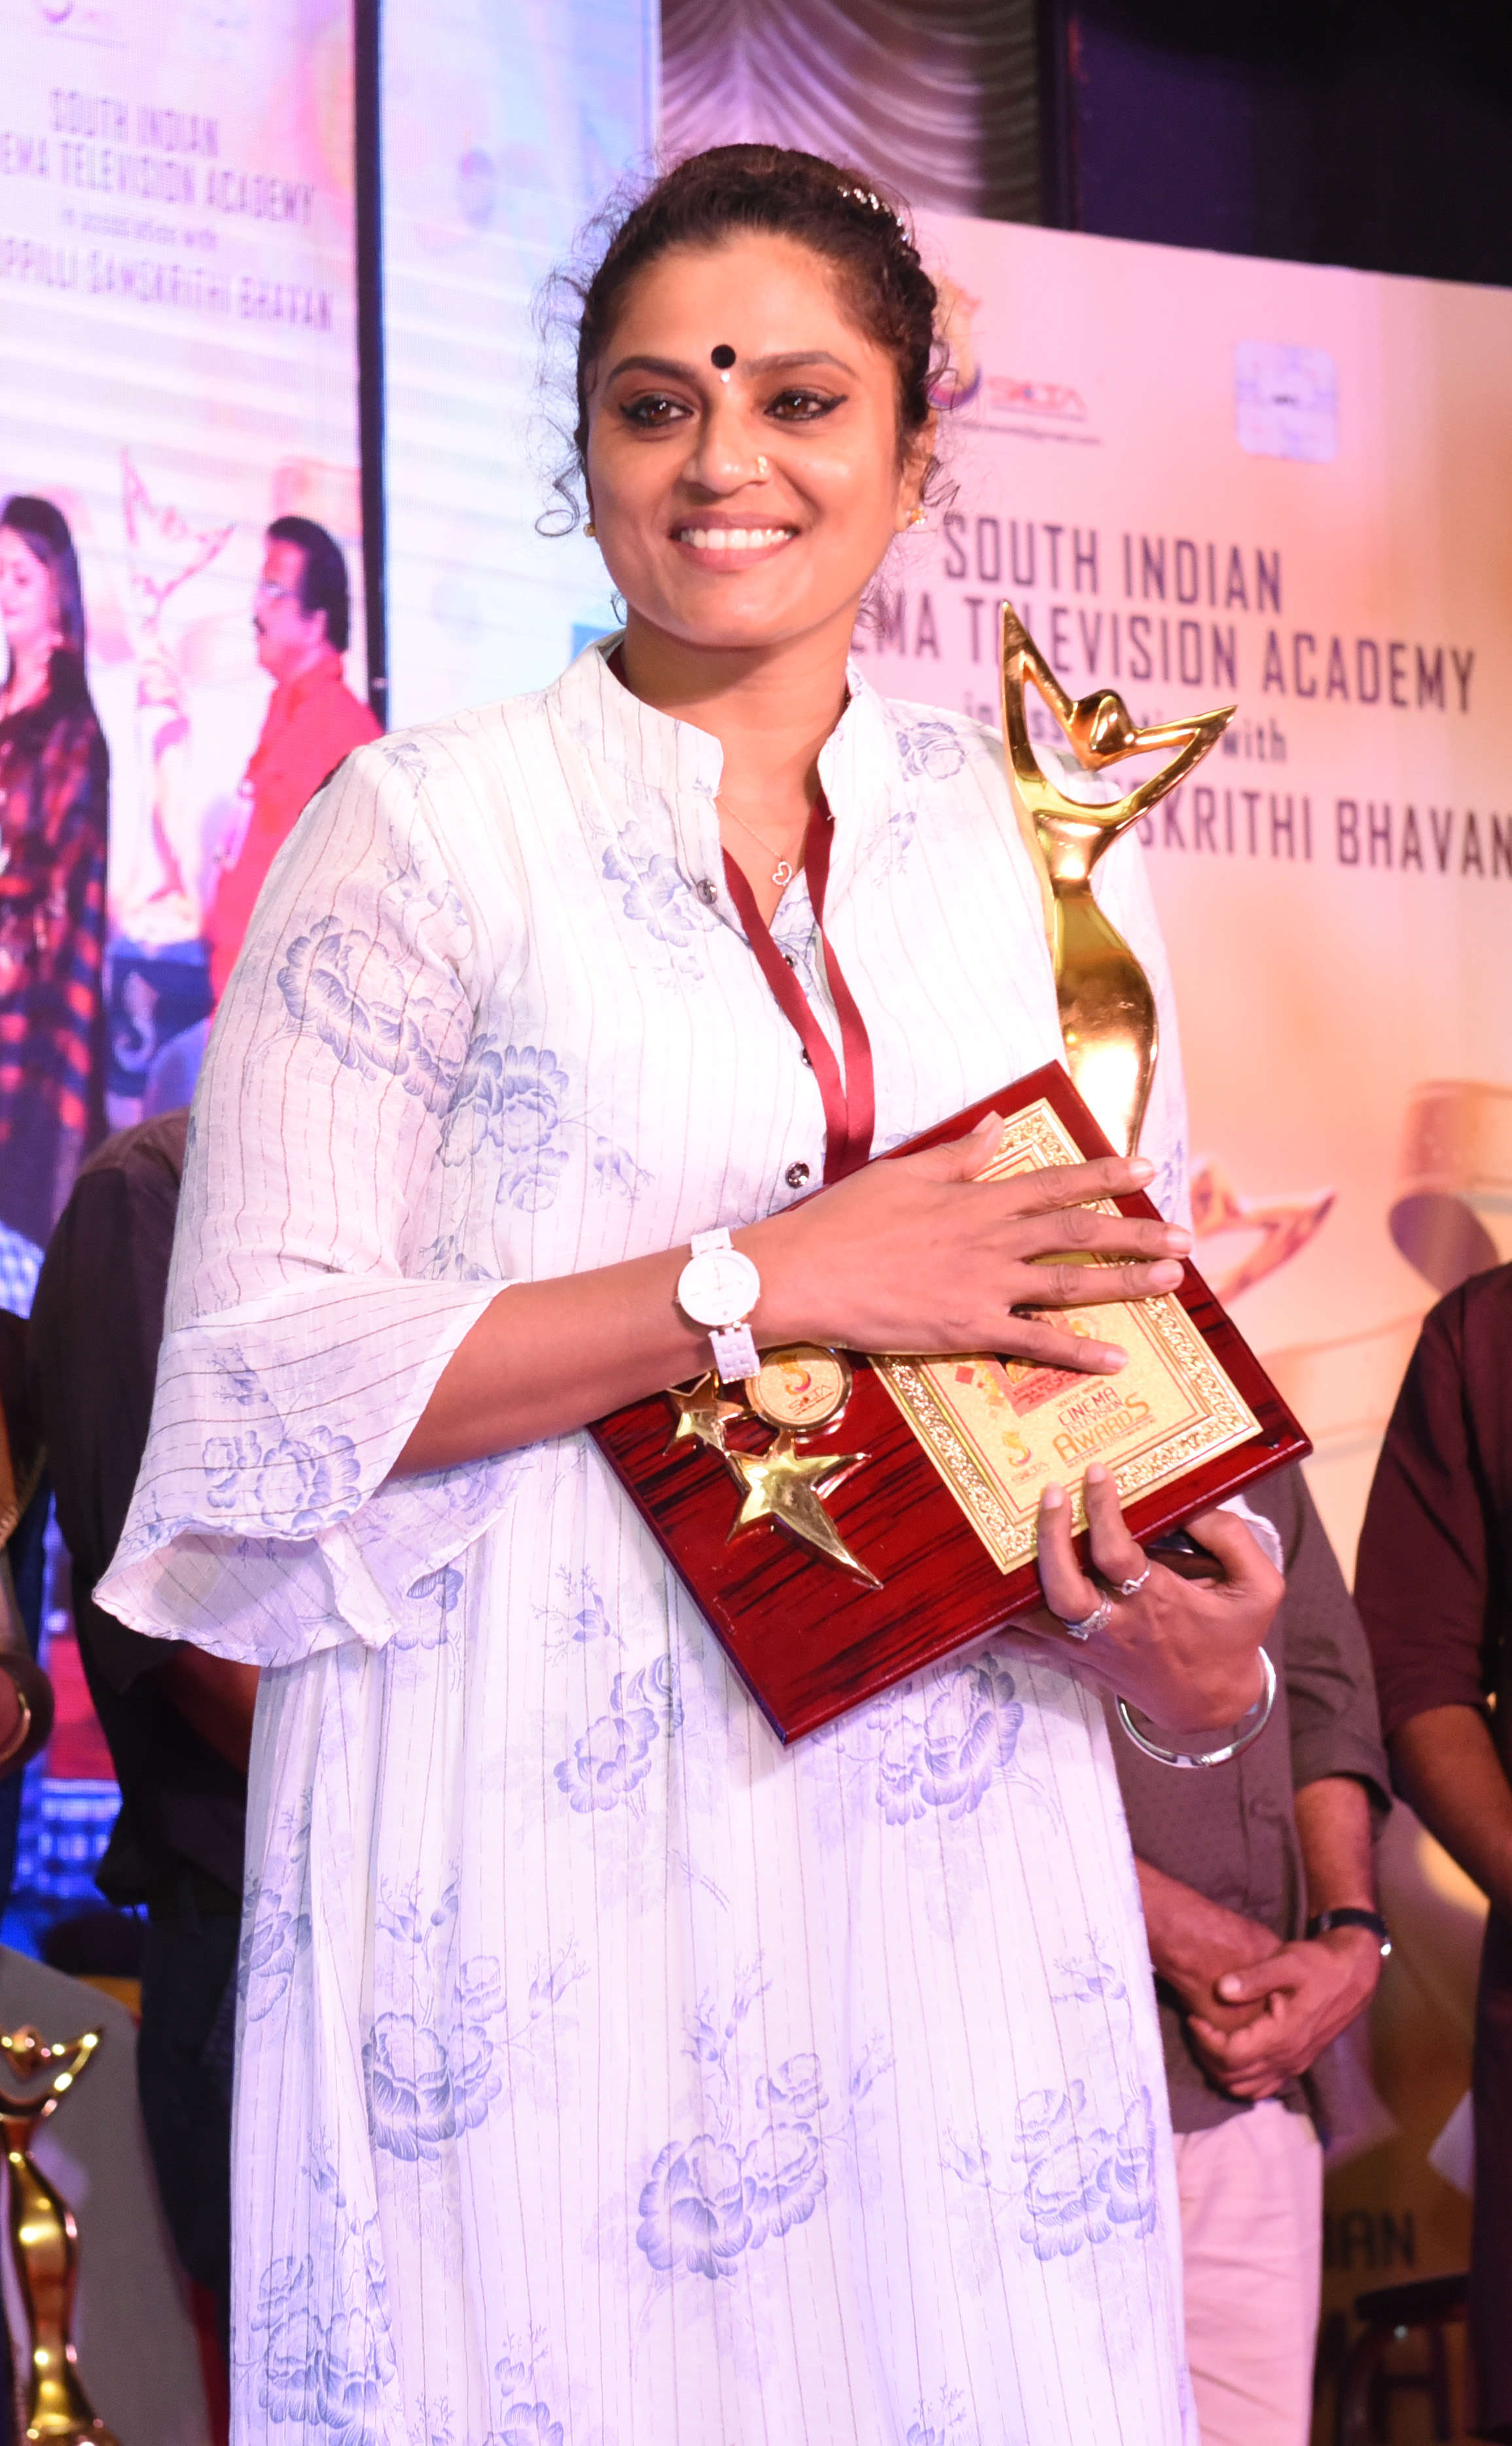 Soniya Malhaar